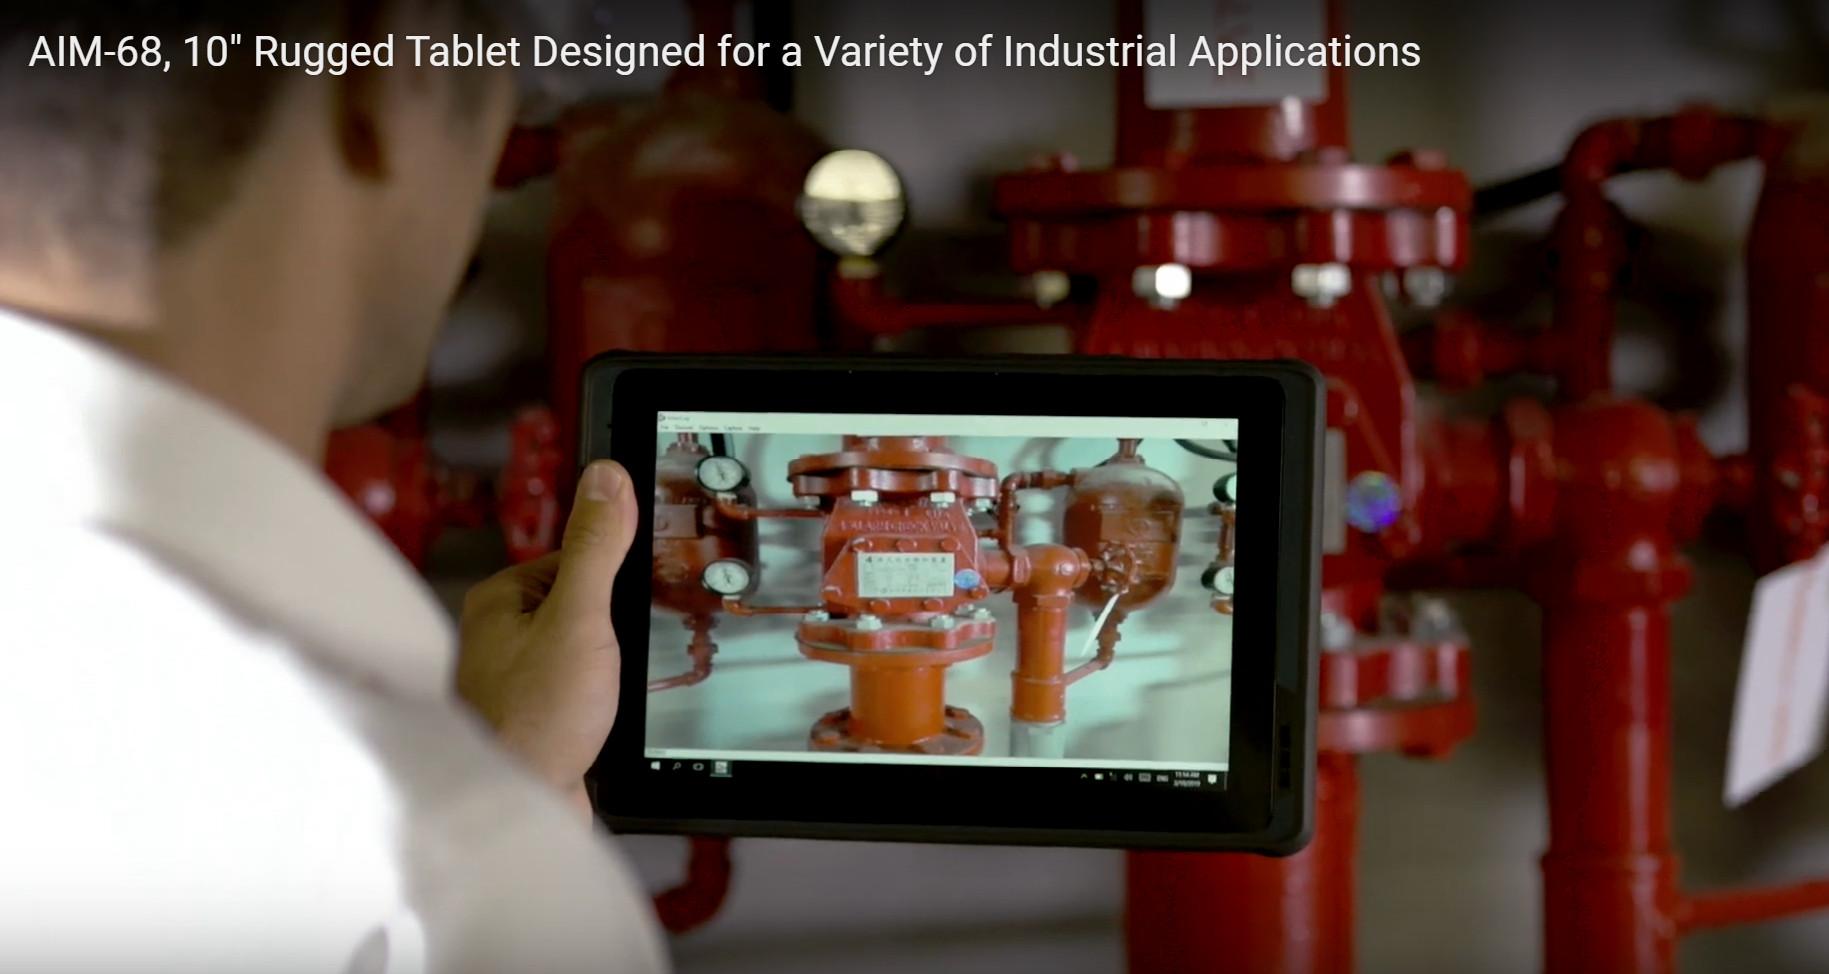 AIM-68 Advantech augmented reality